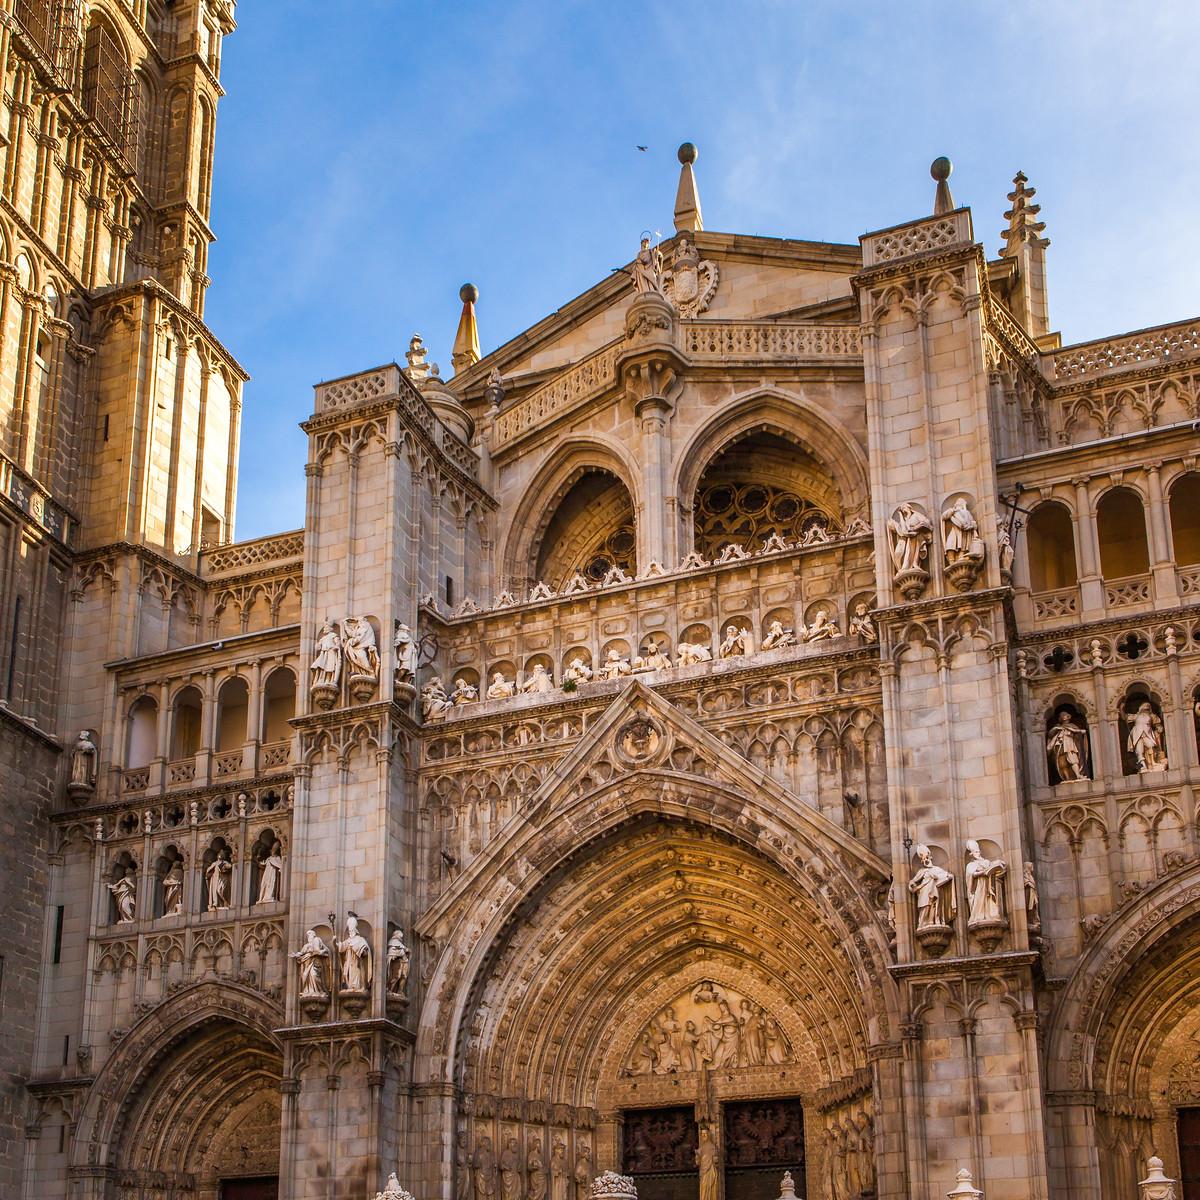 西班牙小鎮的古建築,走近看一看_圖1-3